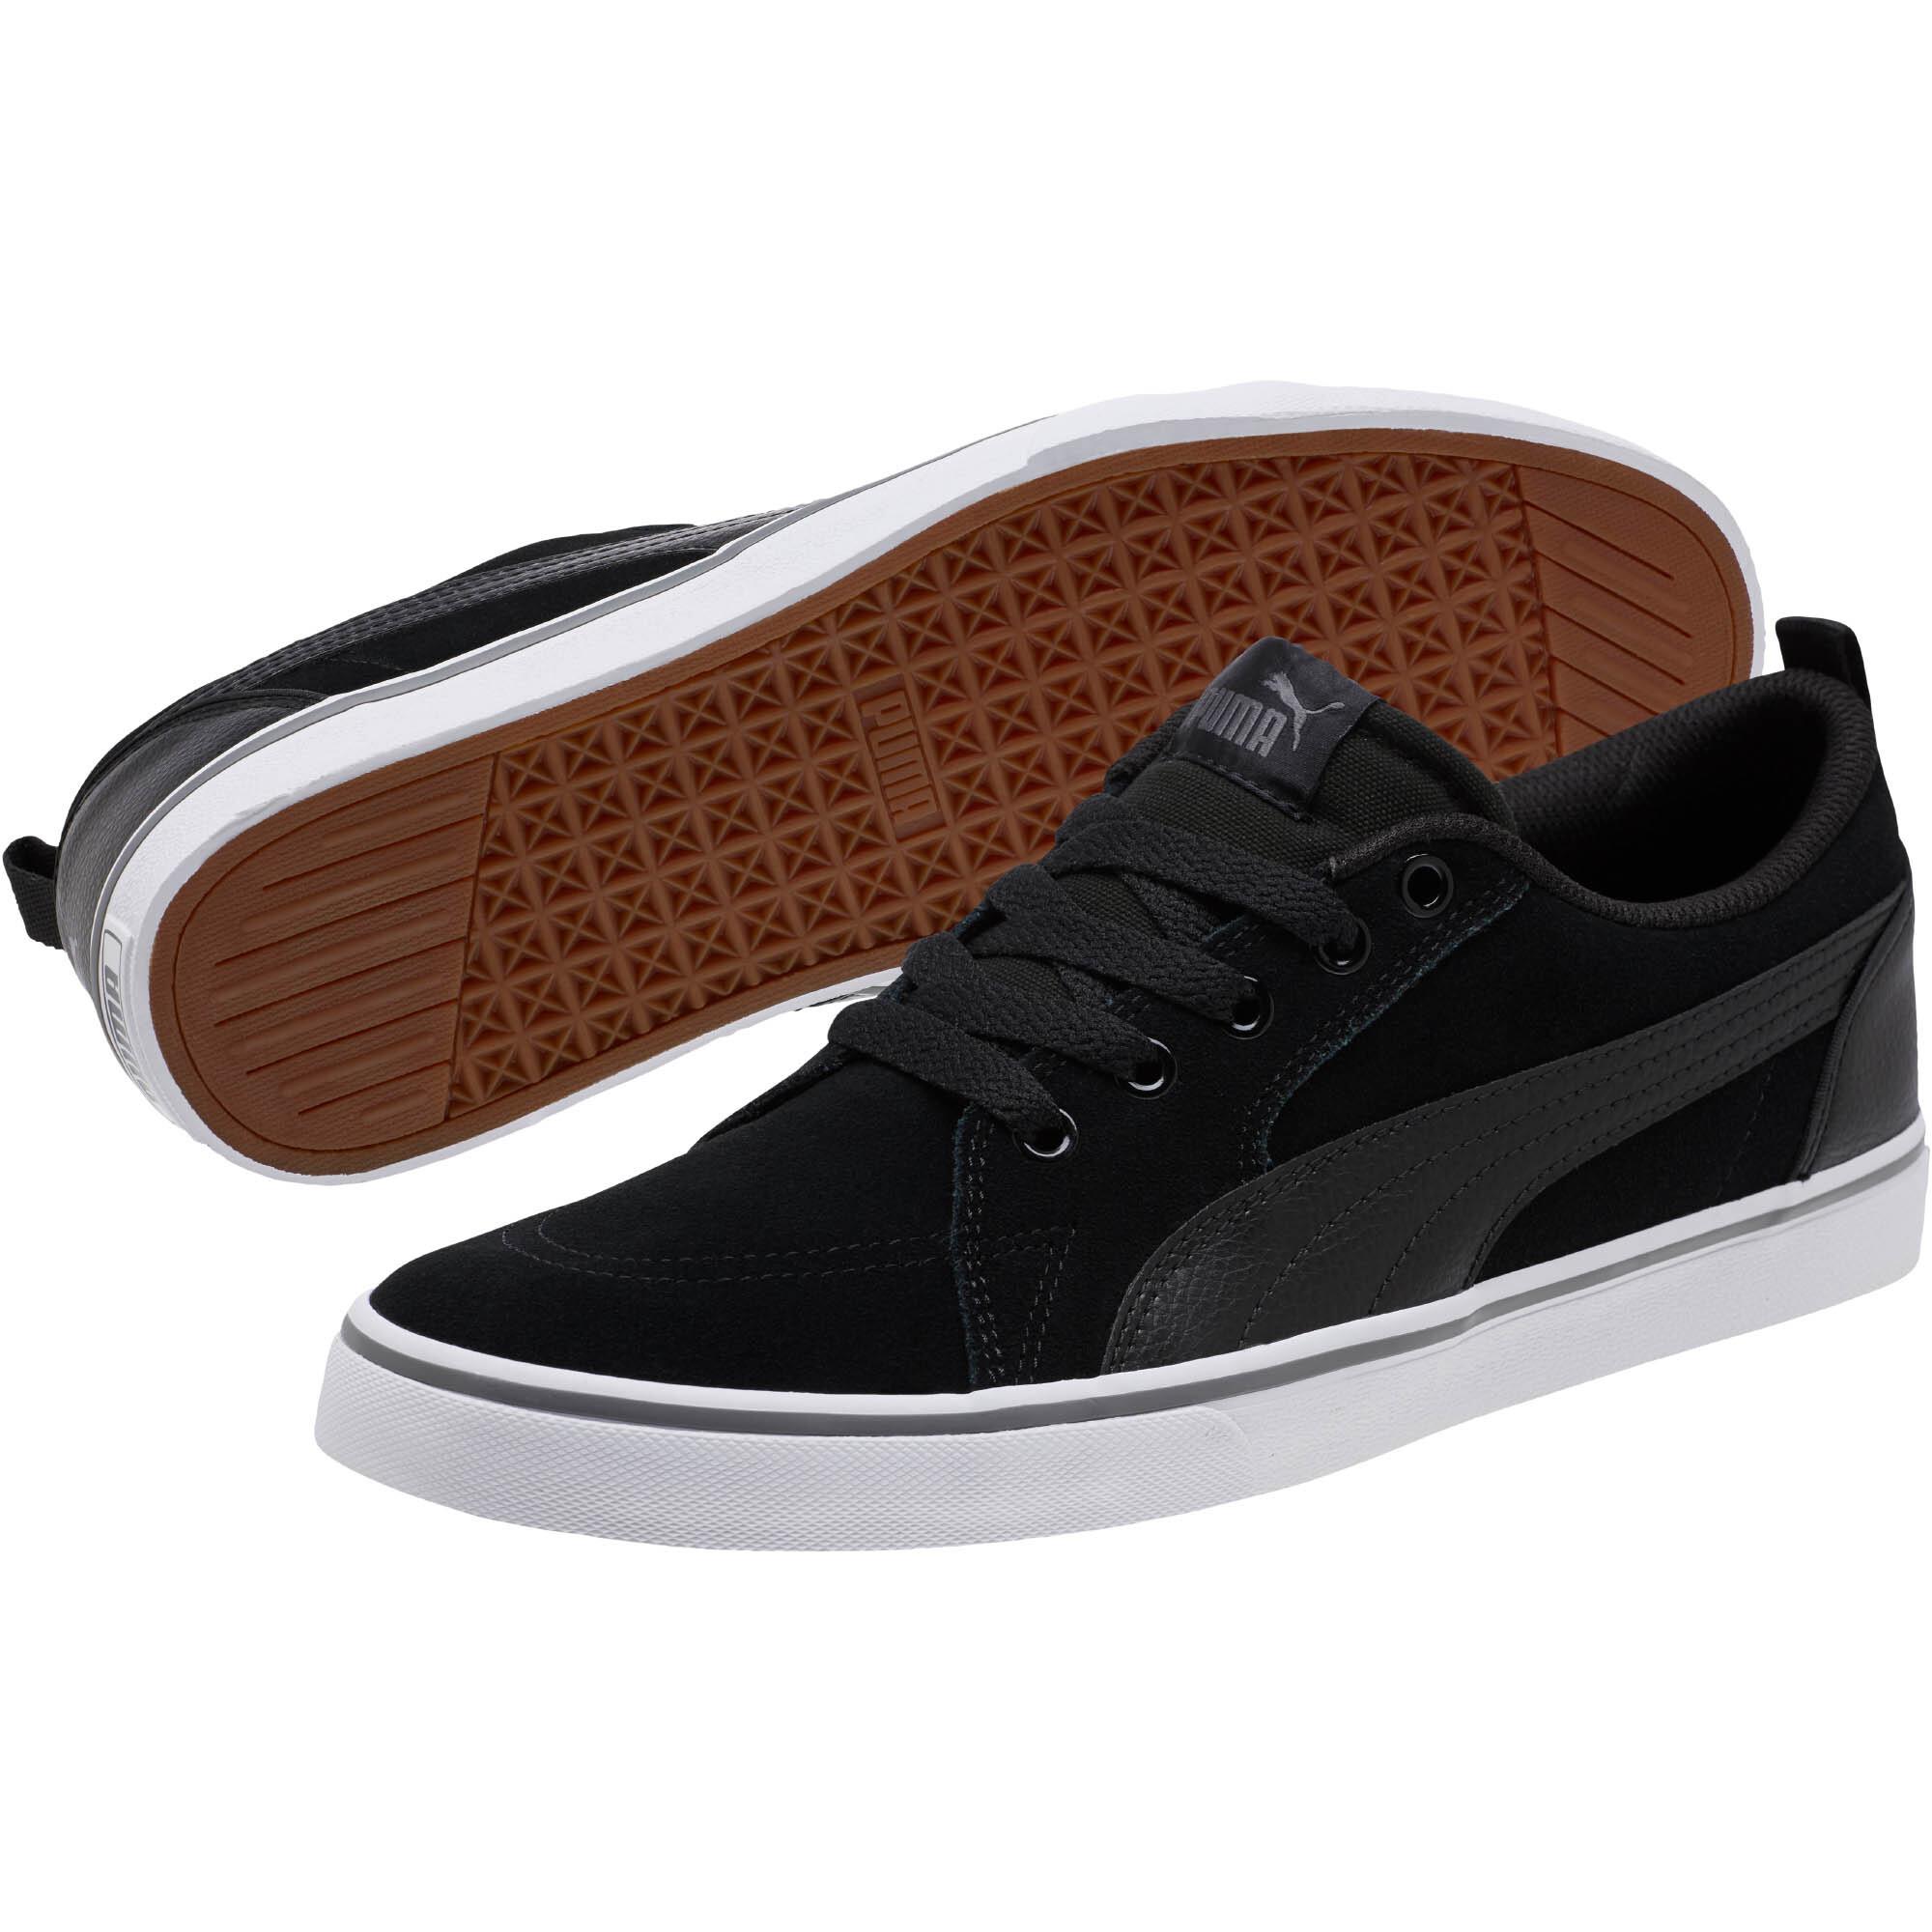 PUMA-Puma-Bridger-SD-Men-039-s-Sneakers-Men-Shoe-Basics thumbnail 16